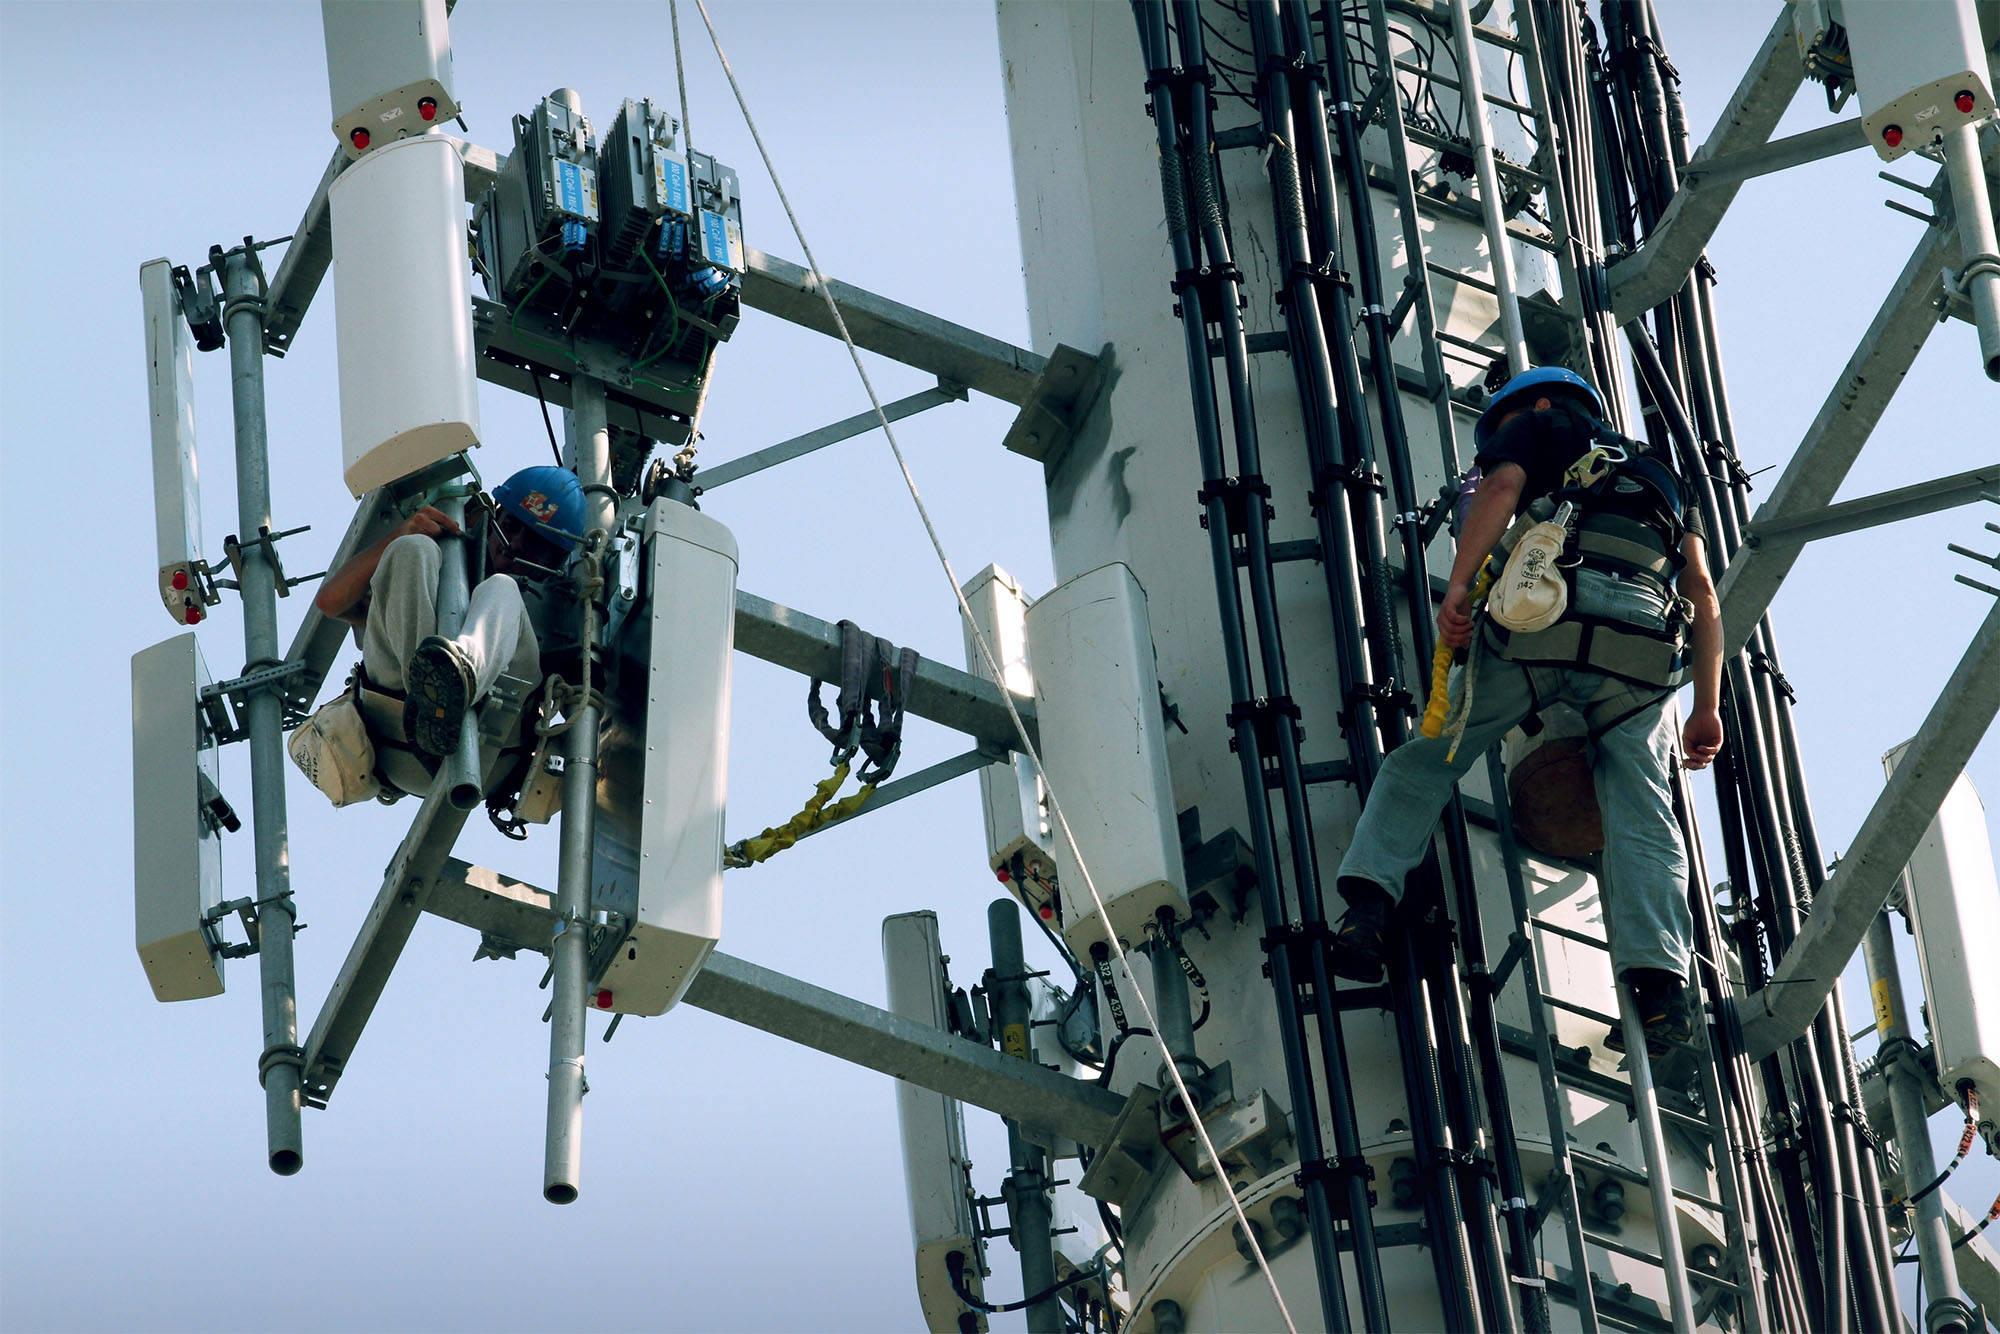 Consultare asupra viitorului spectrului nealocat la licitaţia din 2012